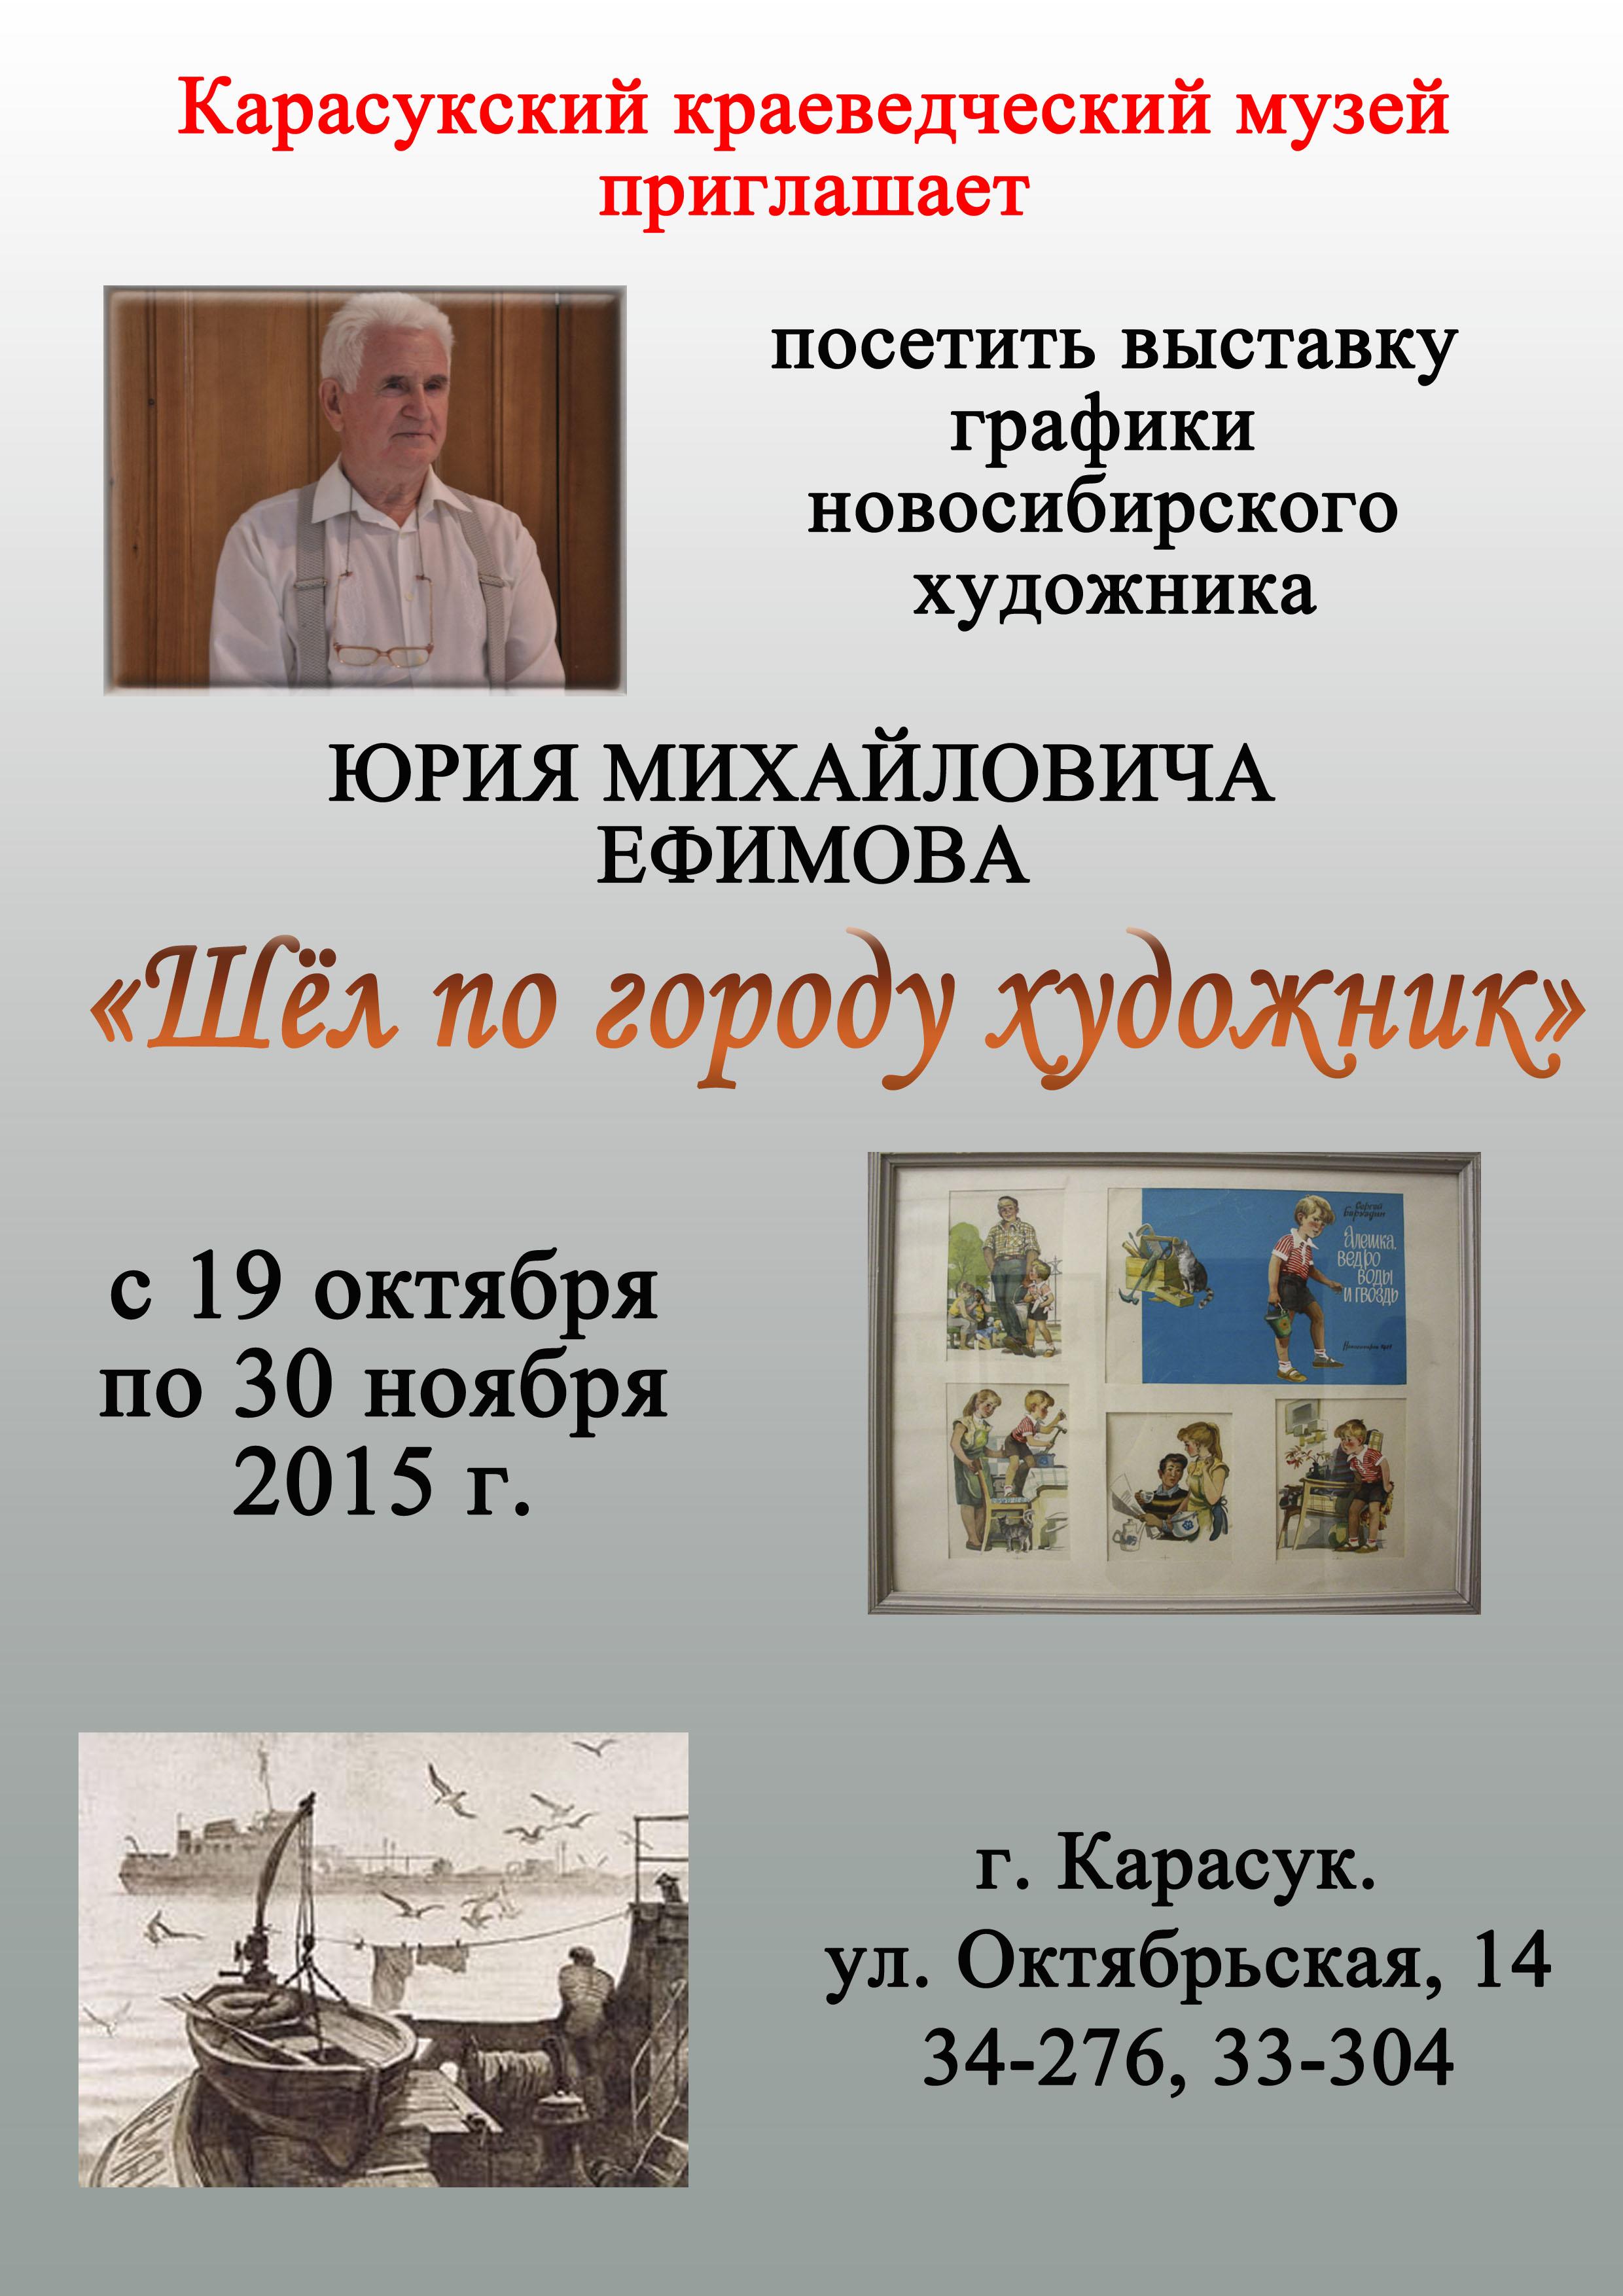 Художник Ефимов